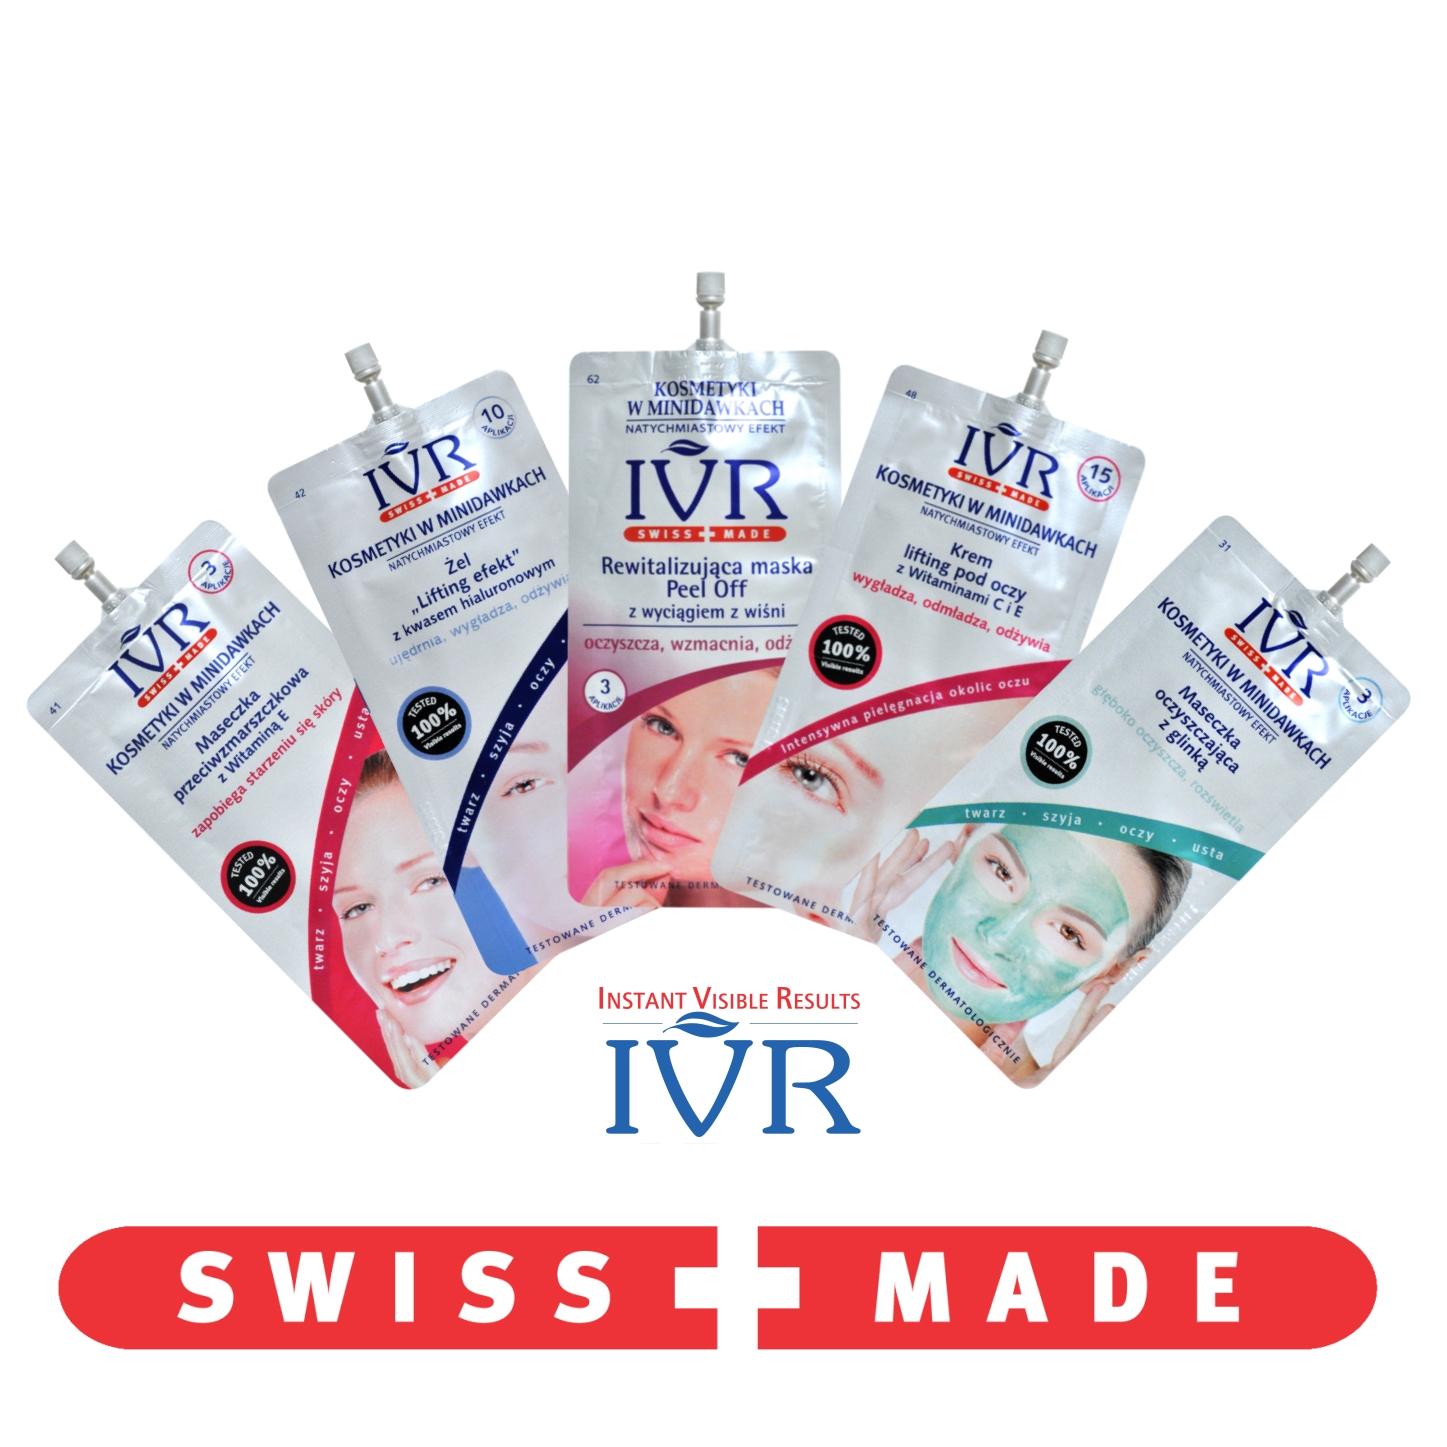 IVR - Kosmetyki w minidawkach